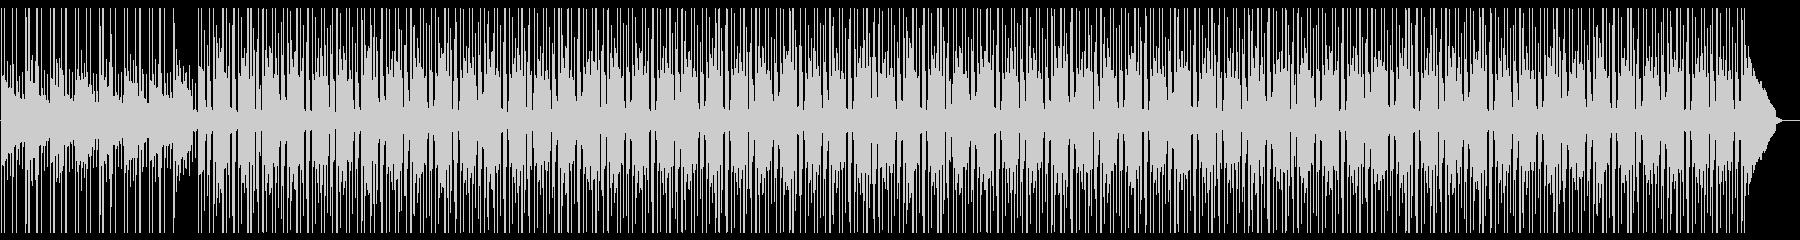 Lofiハープの悲しいメロディーBGMの未再生の波形